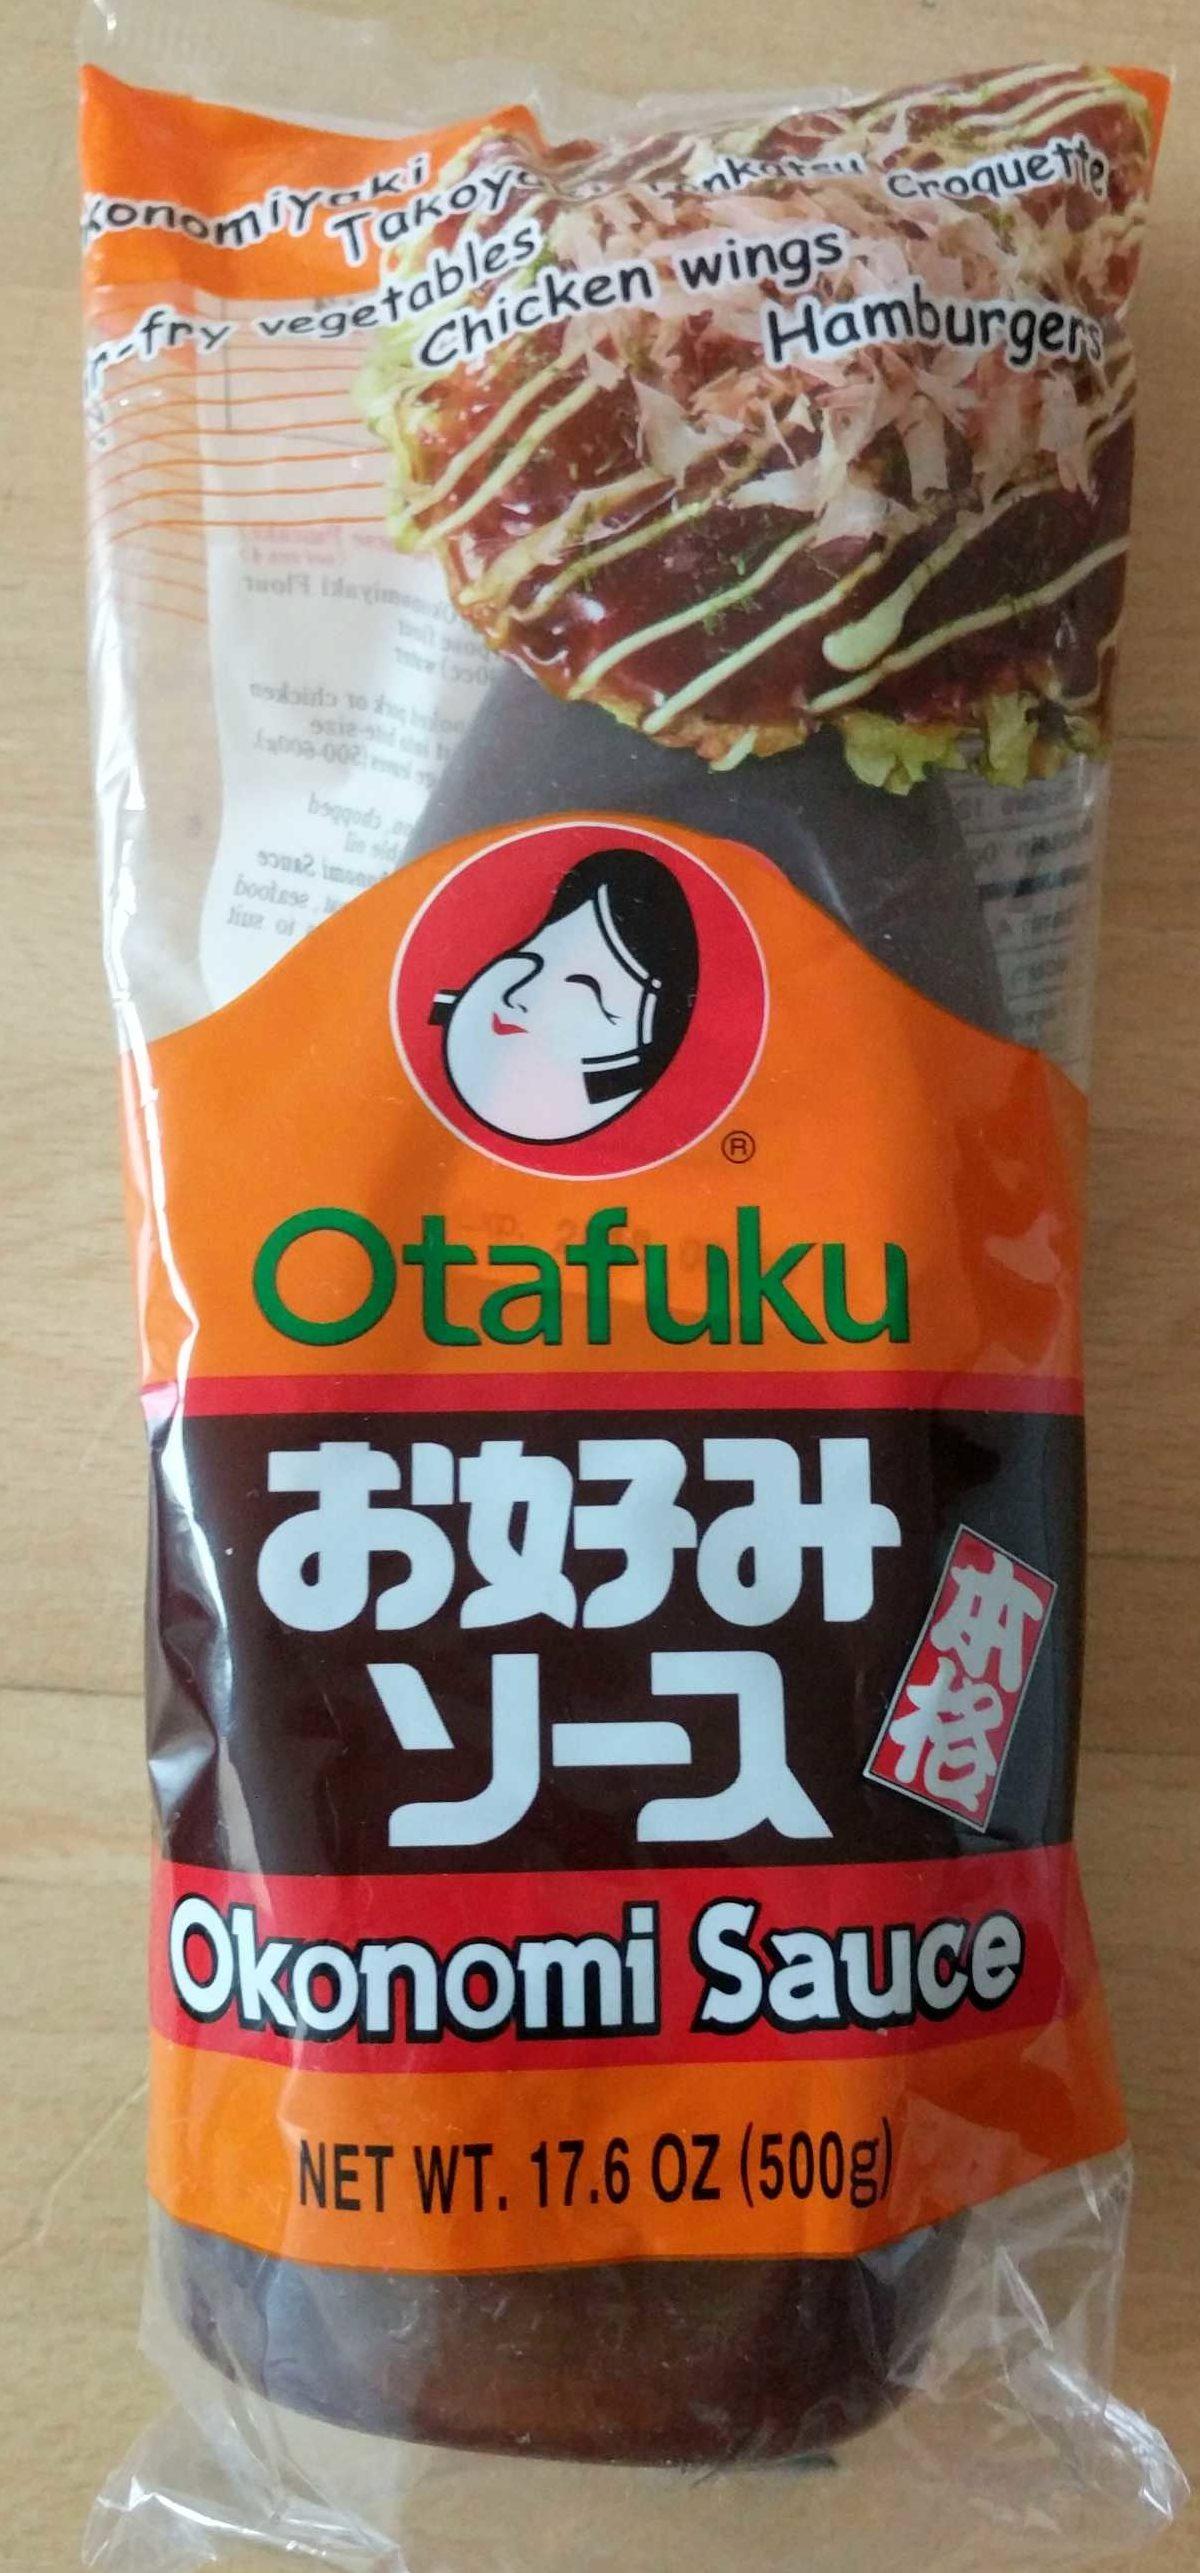 Okonomi Sauce - Product